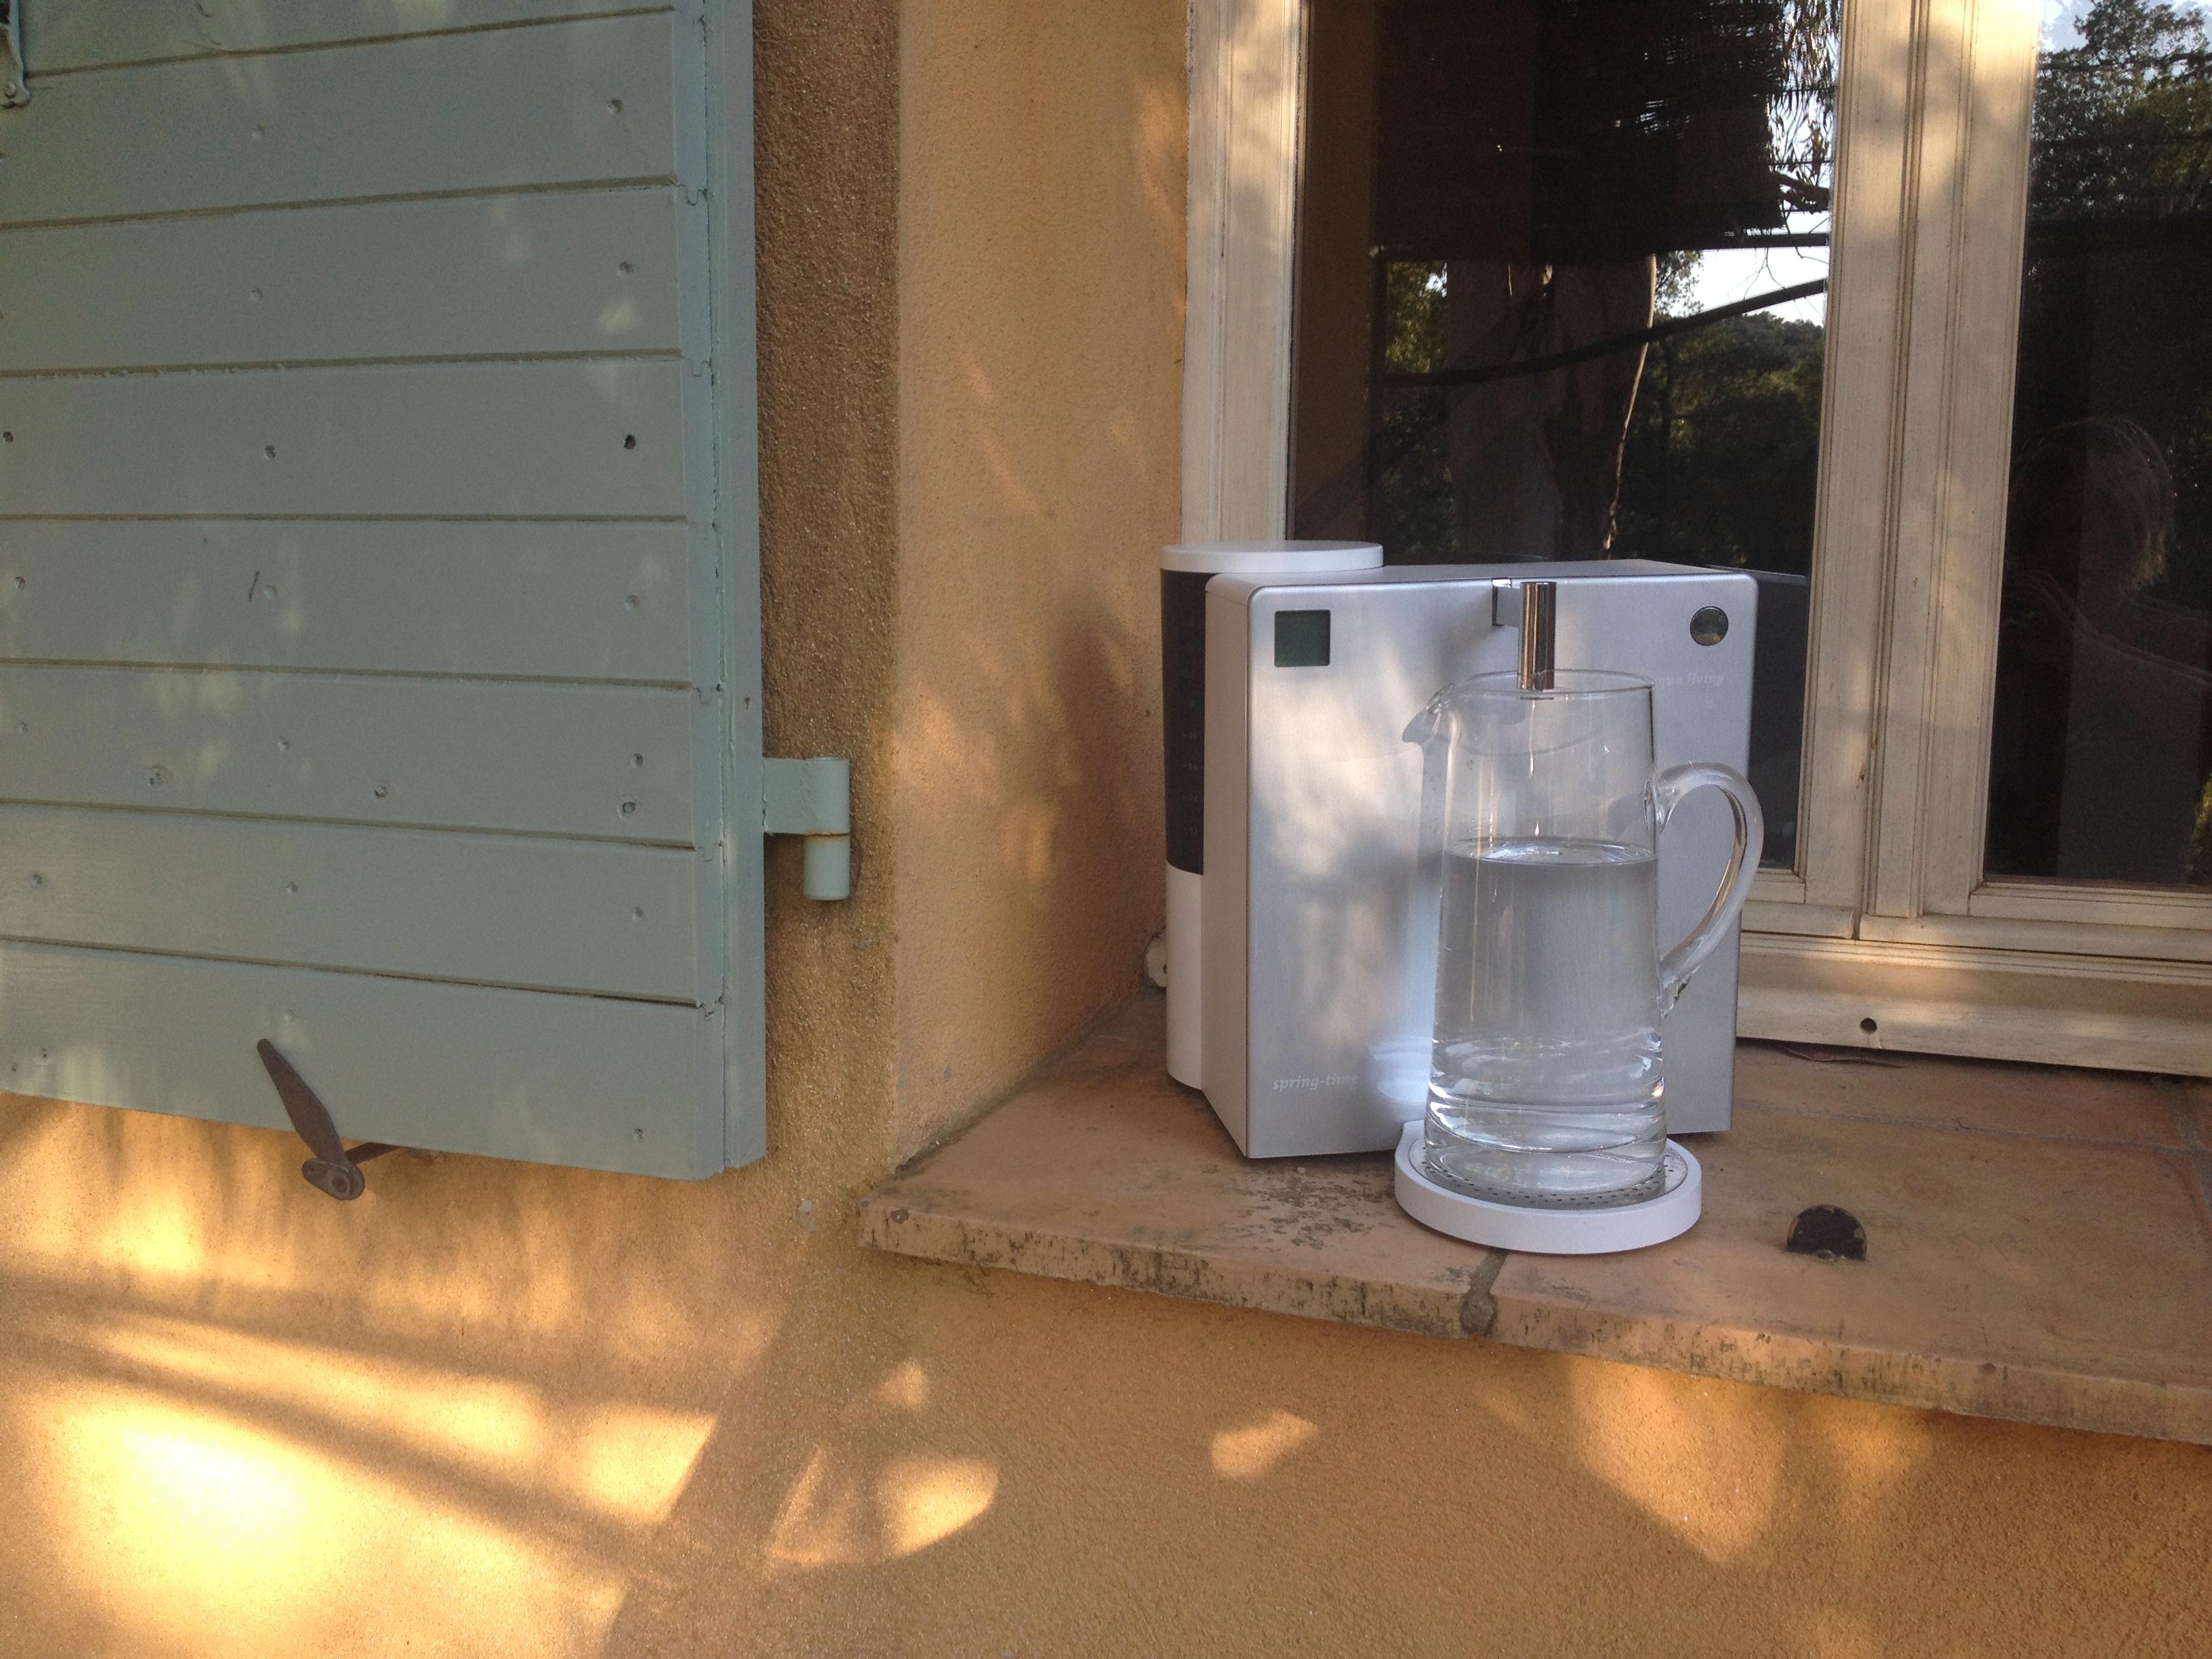 Mit dem sprint-time Wasserfilter in Frankreich